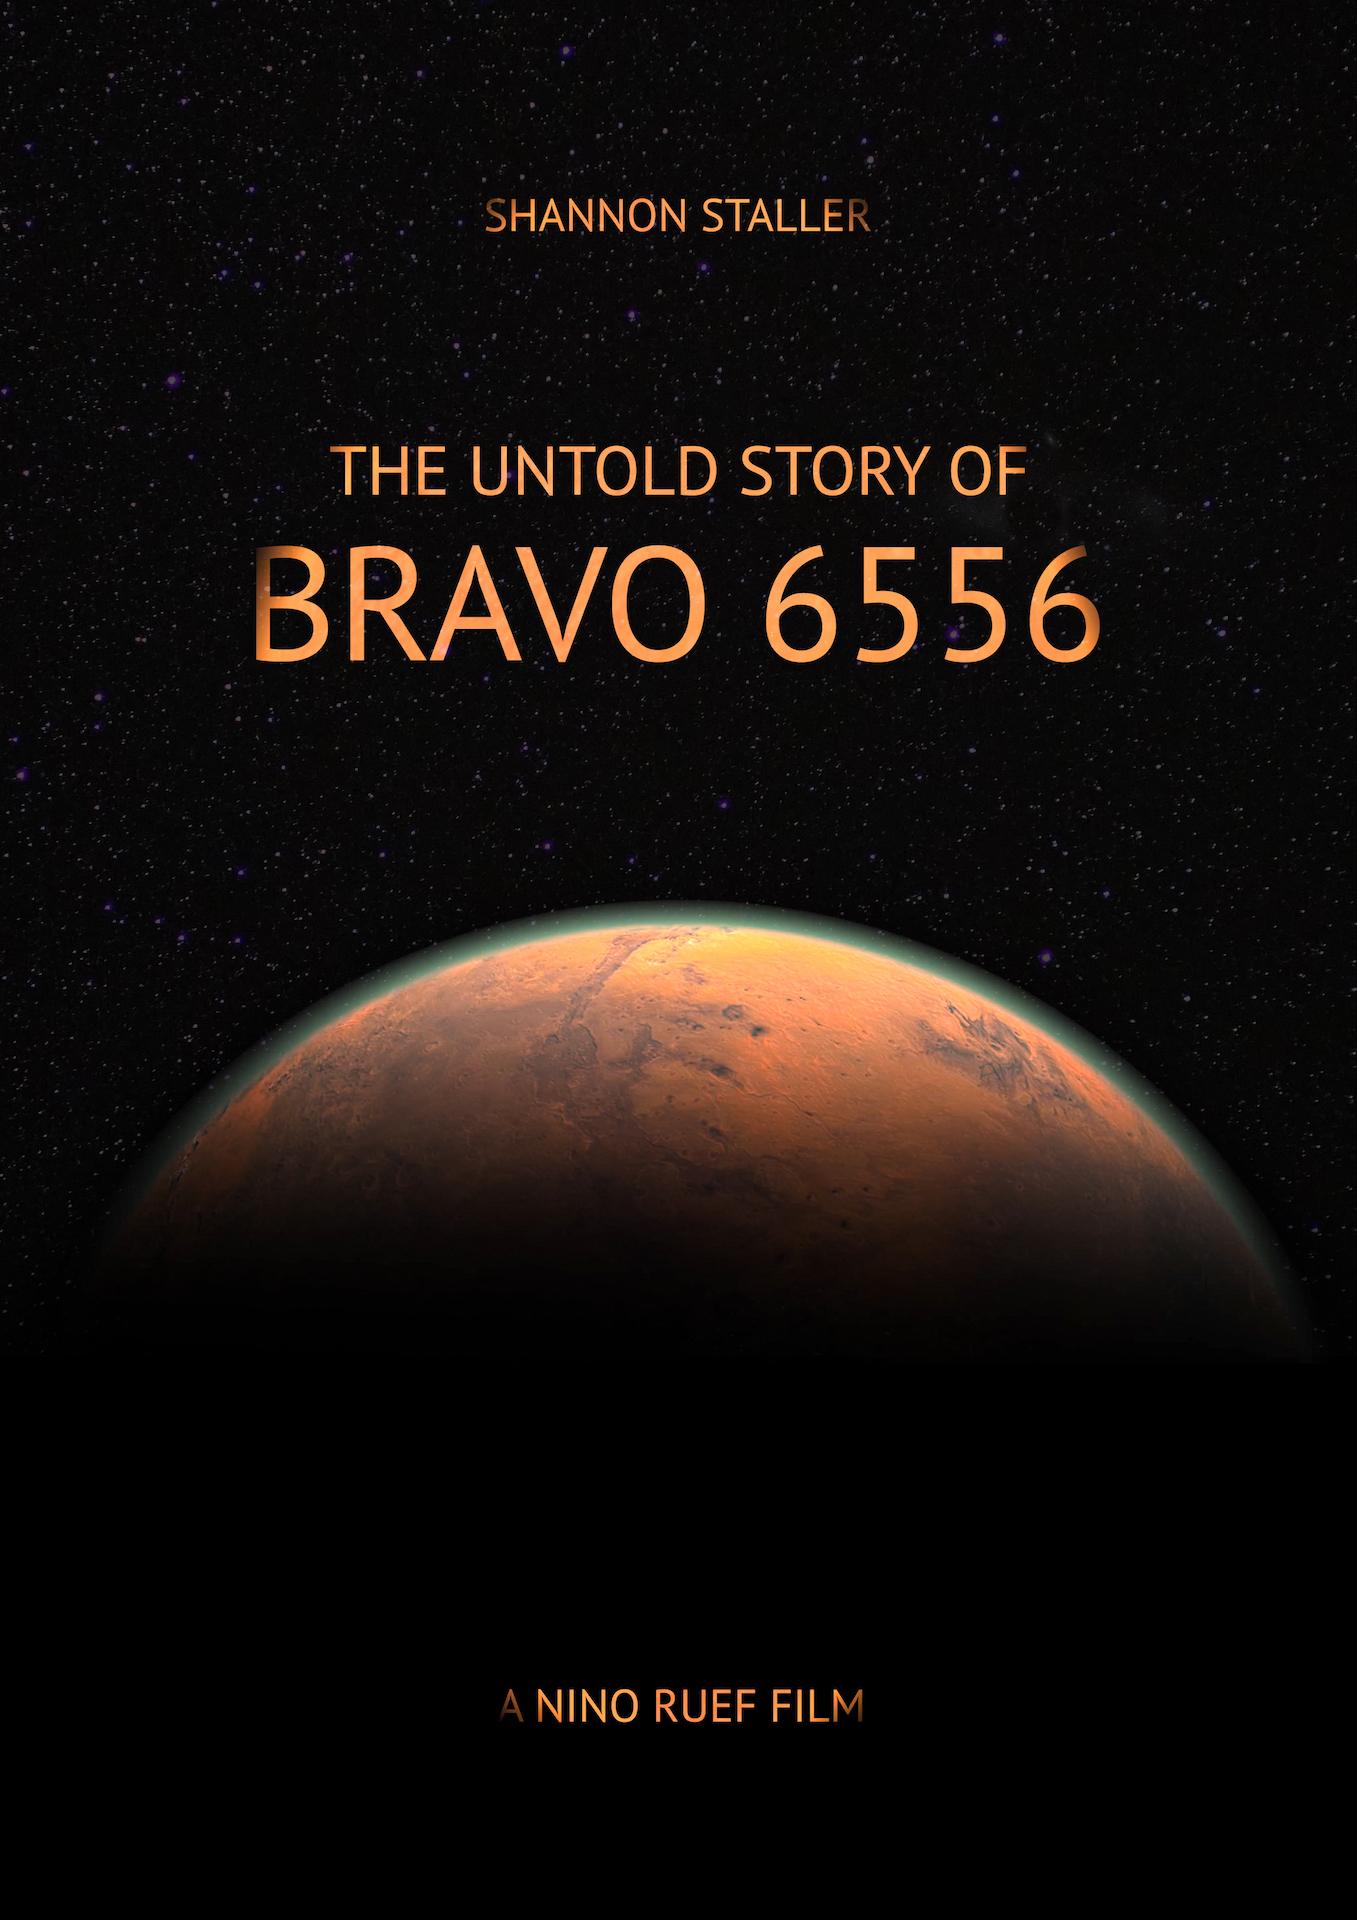 bravo6556-poster-teaser-v1-small.jpeg